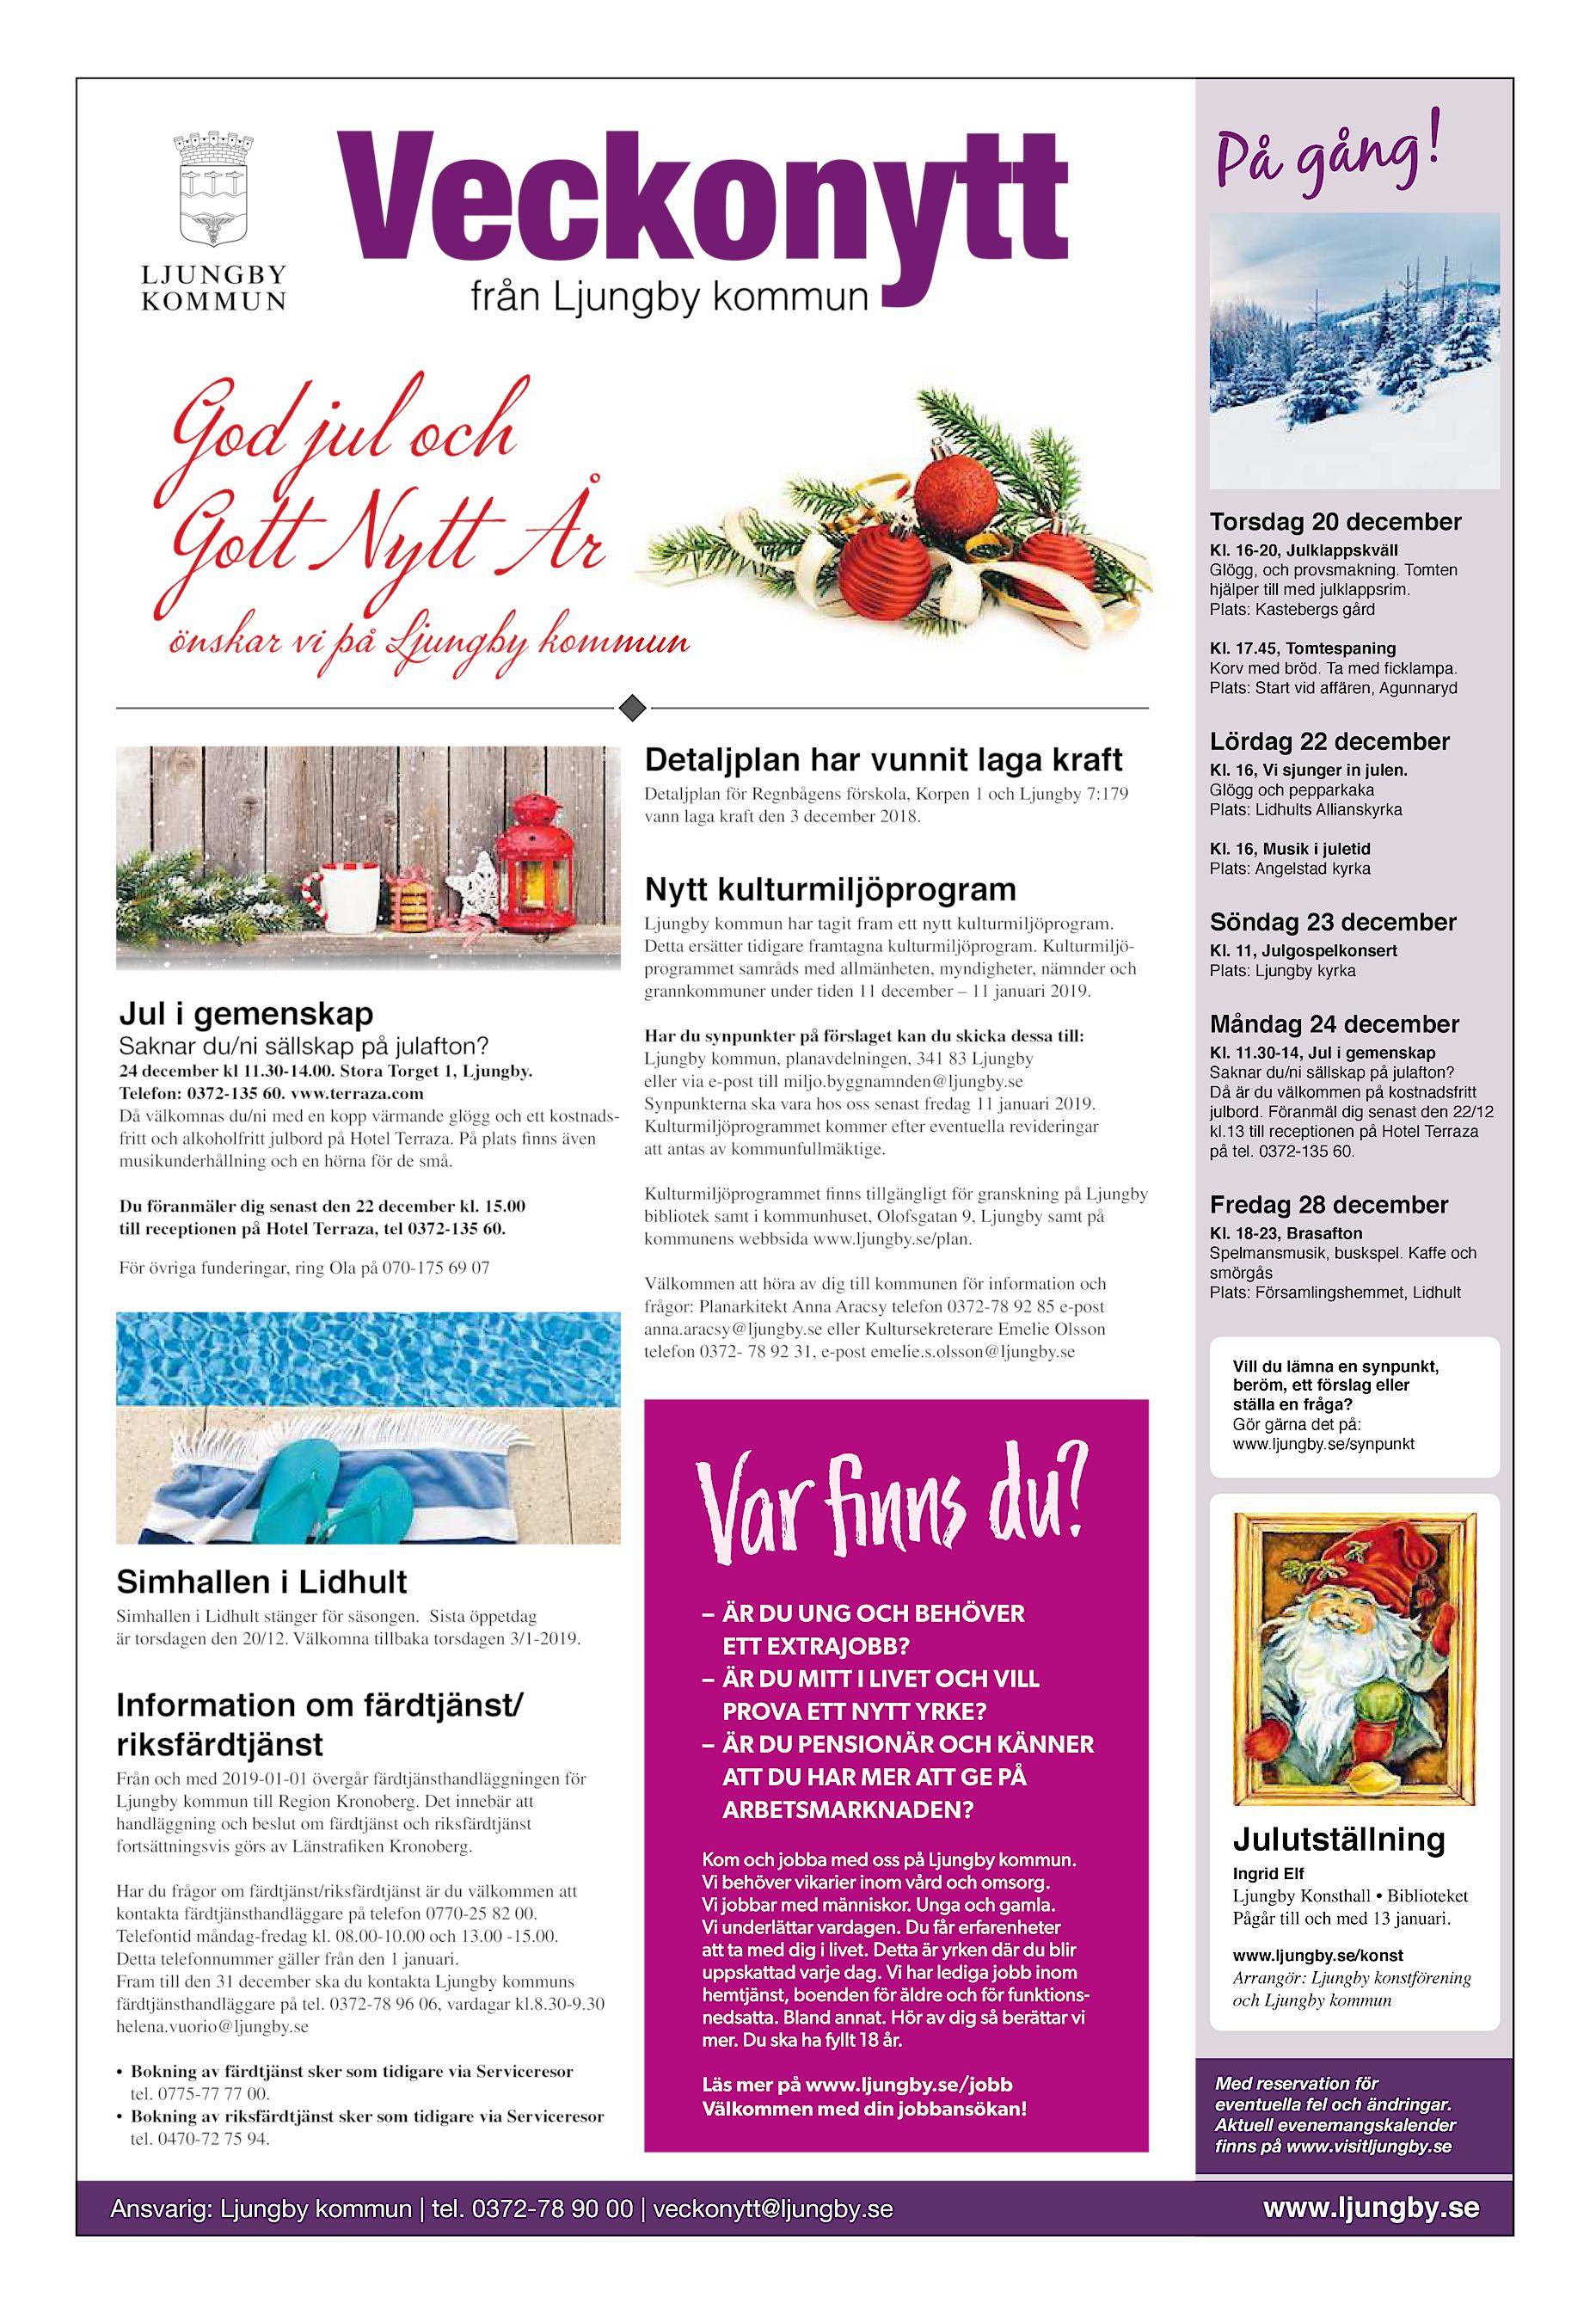 e21c07b85fc På gång! från Ljungby kommun God jul och Gott Nytt År Torsdag 20 december  Kl. 16-20, Julklappskväll Glögg, och provsmakning.